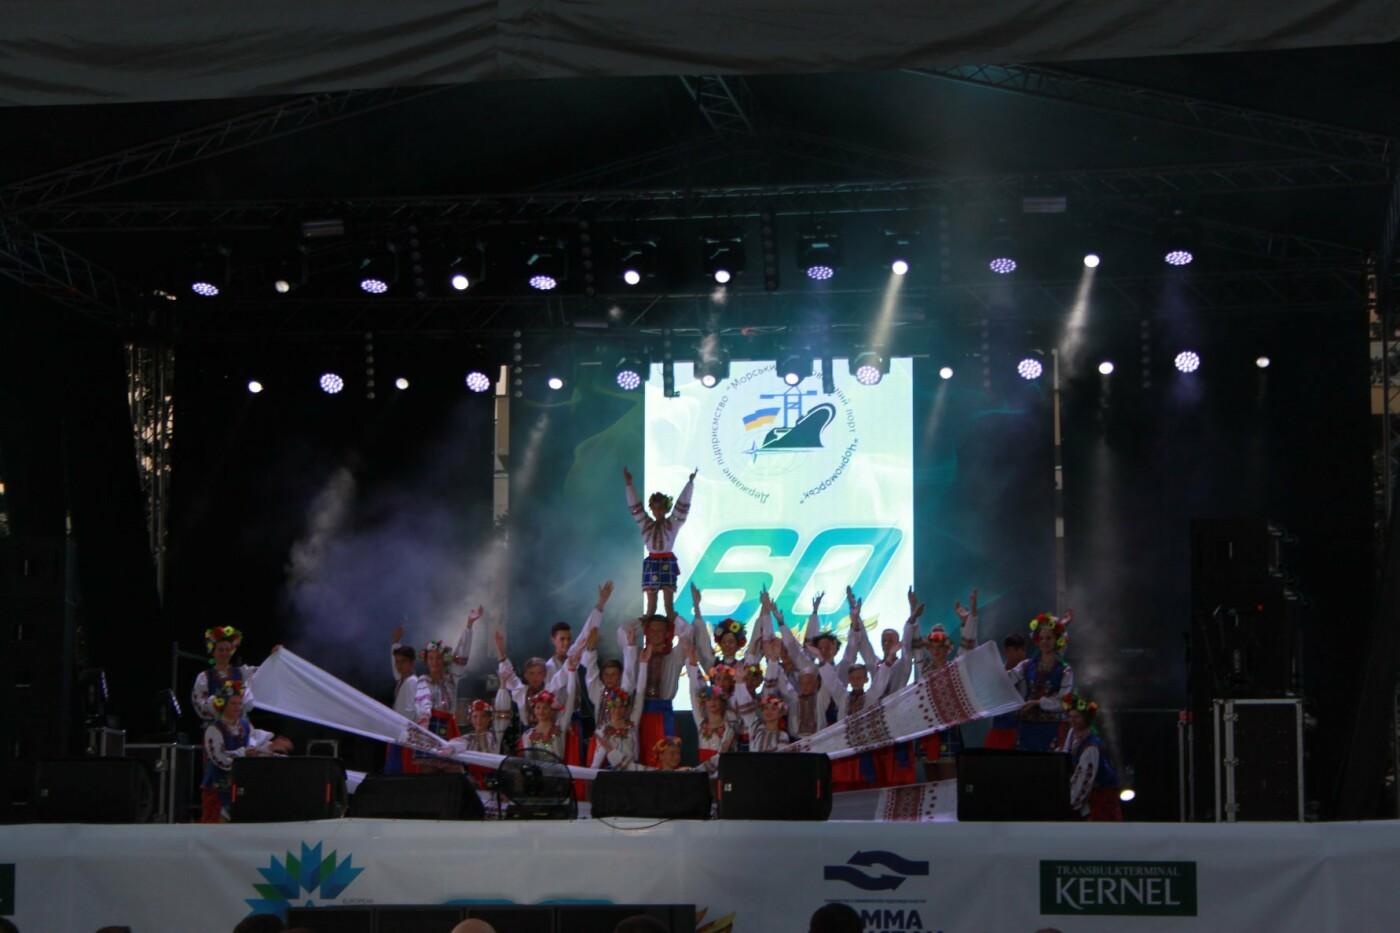 Празднование шестидесятилетия Морского порта Черноморска. Впечатления и особенности., фото-14